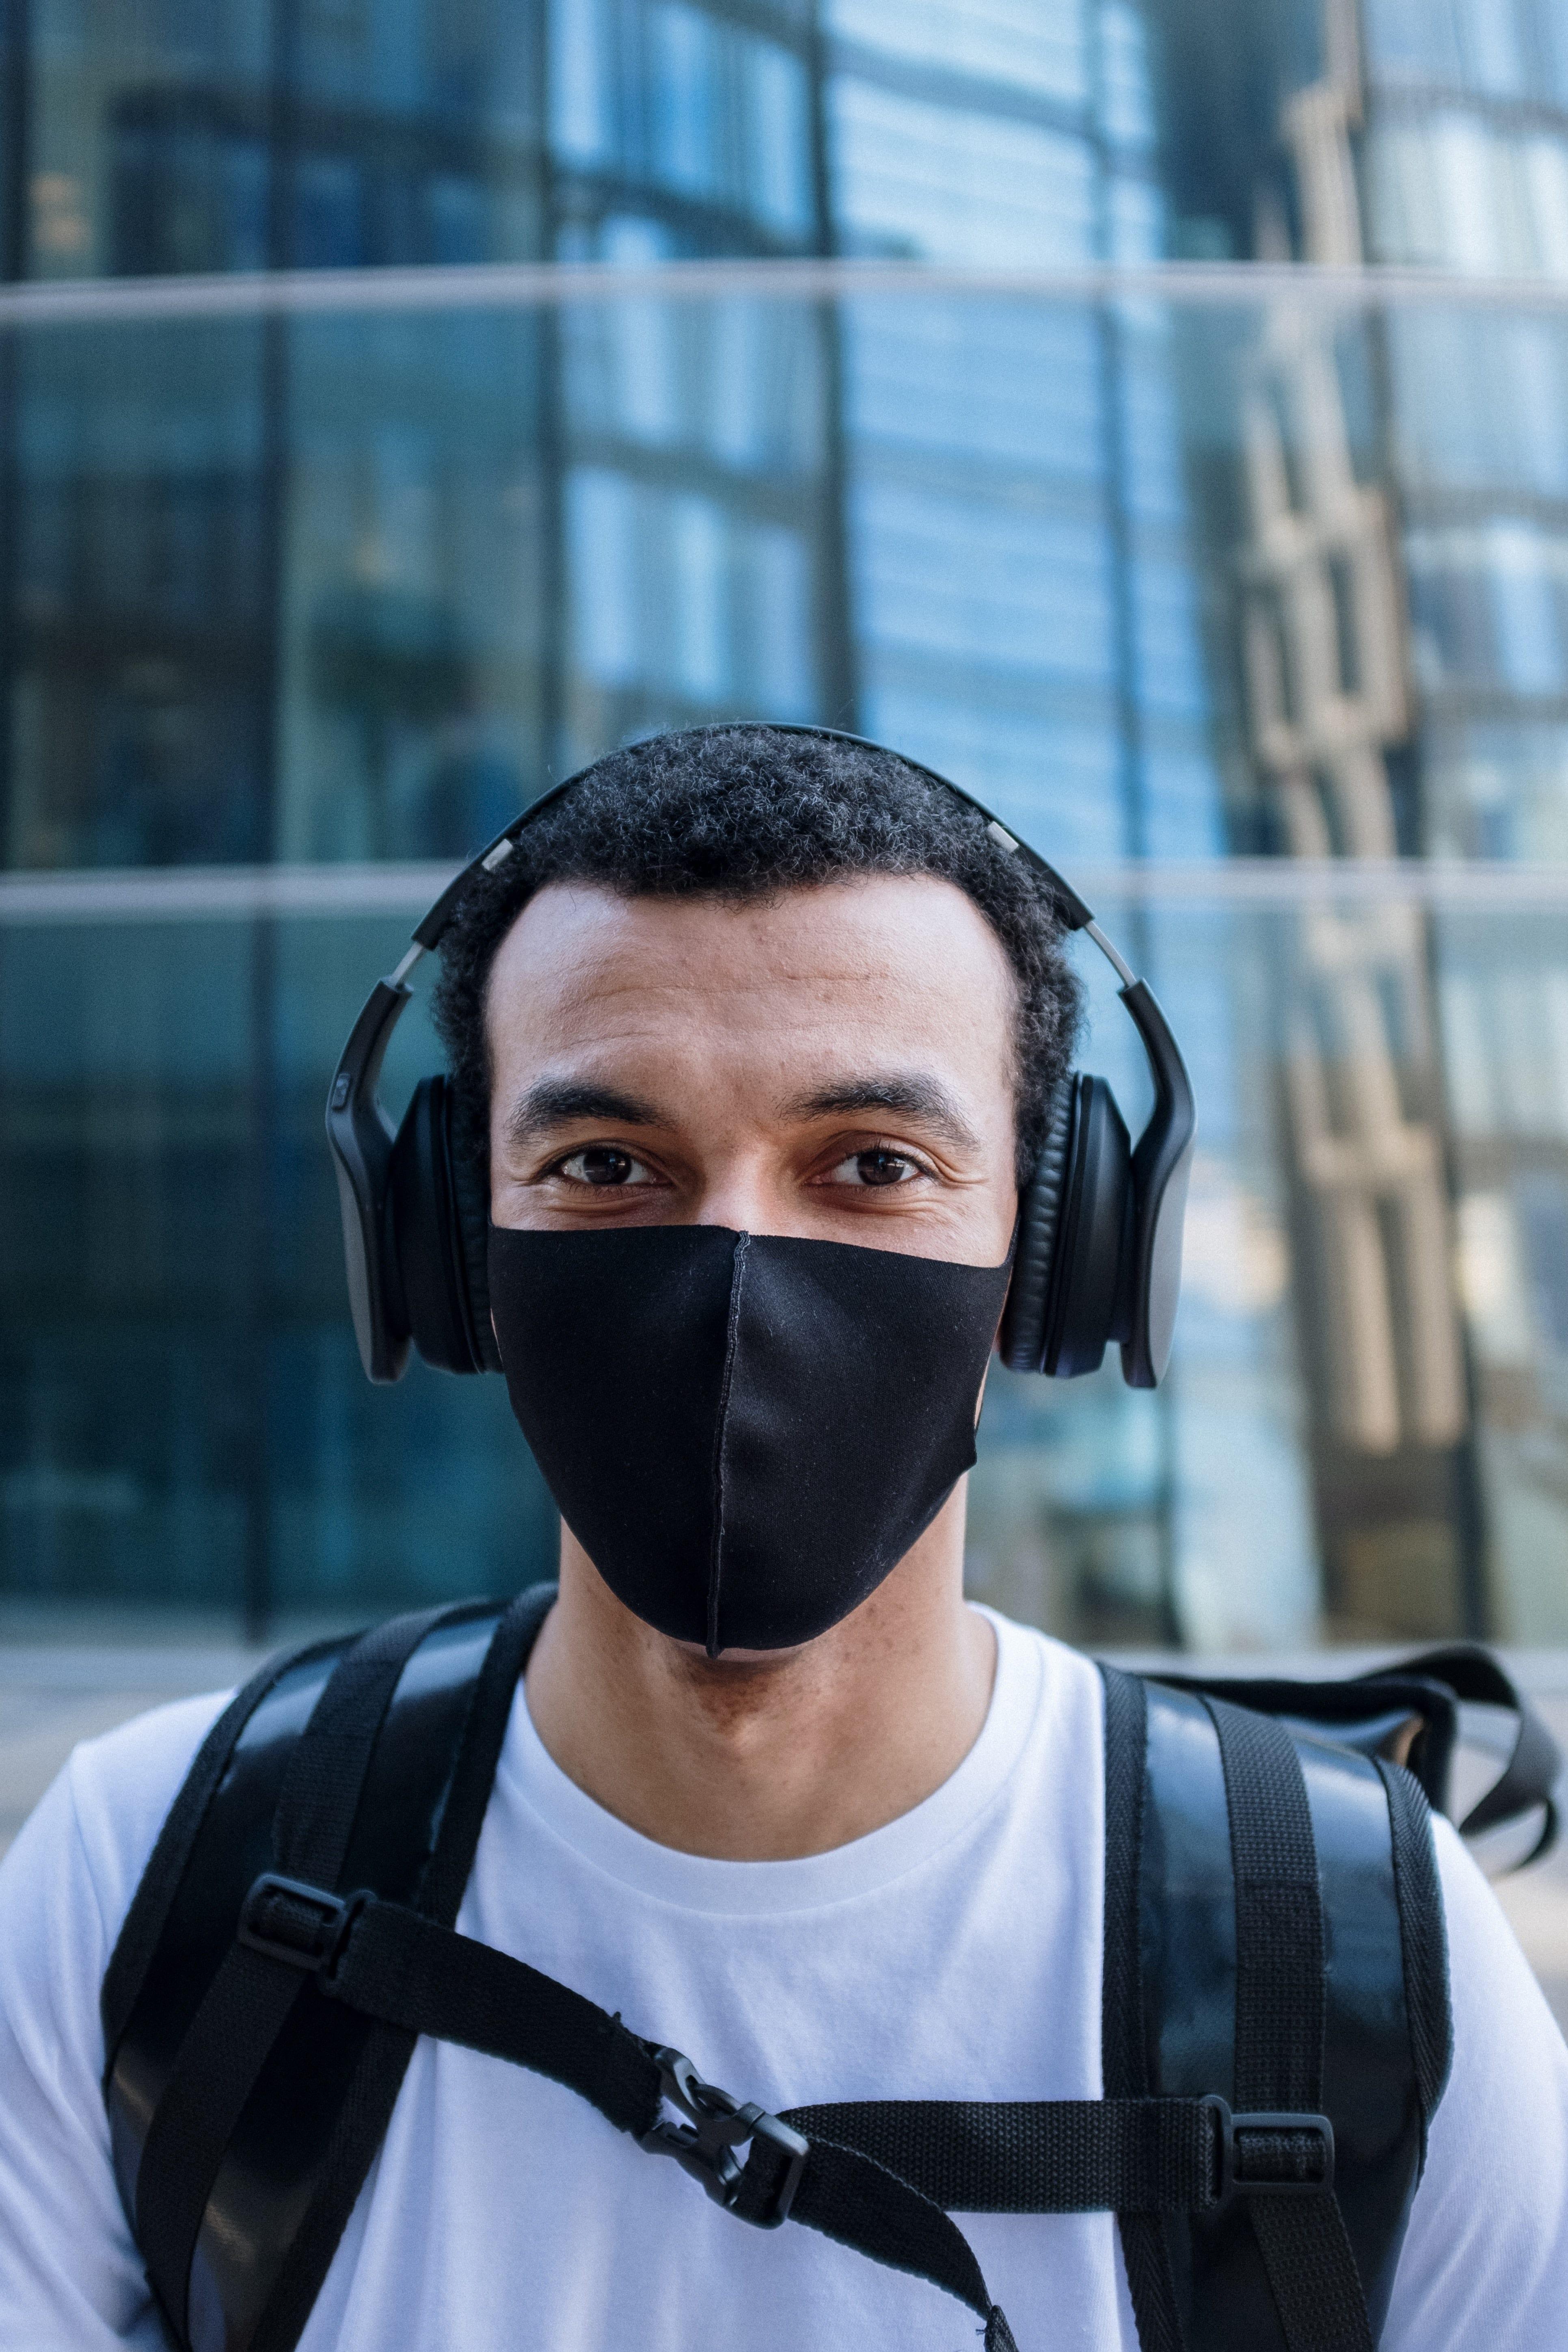 får man åka till Kenya? Ja, om du bär ansiktsmask på offentliga platser